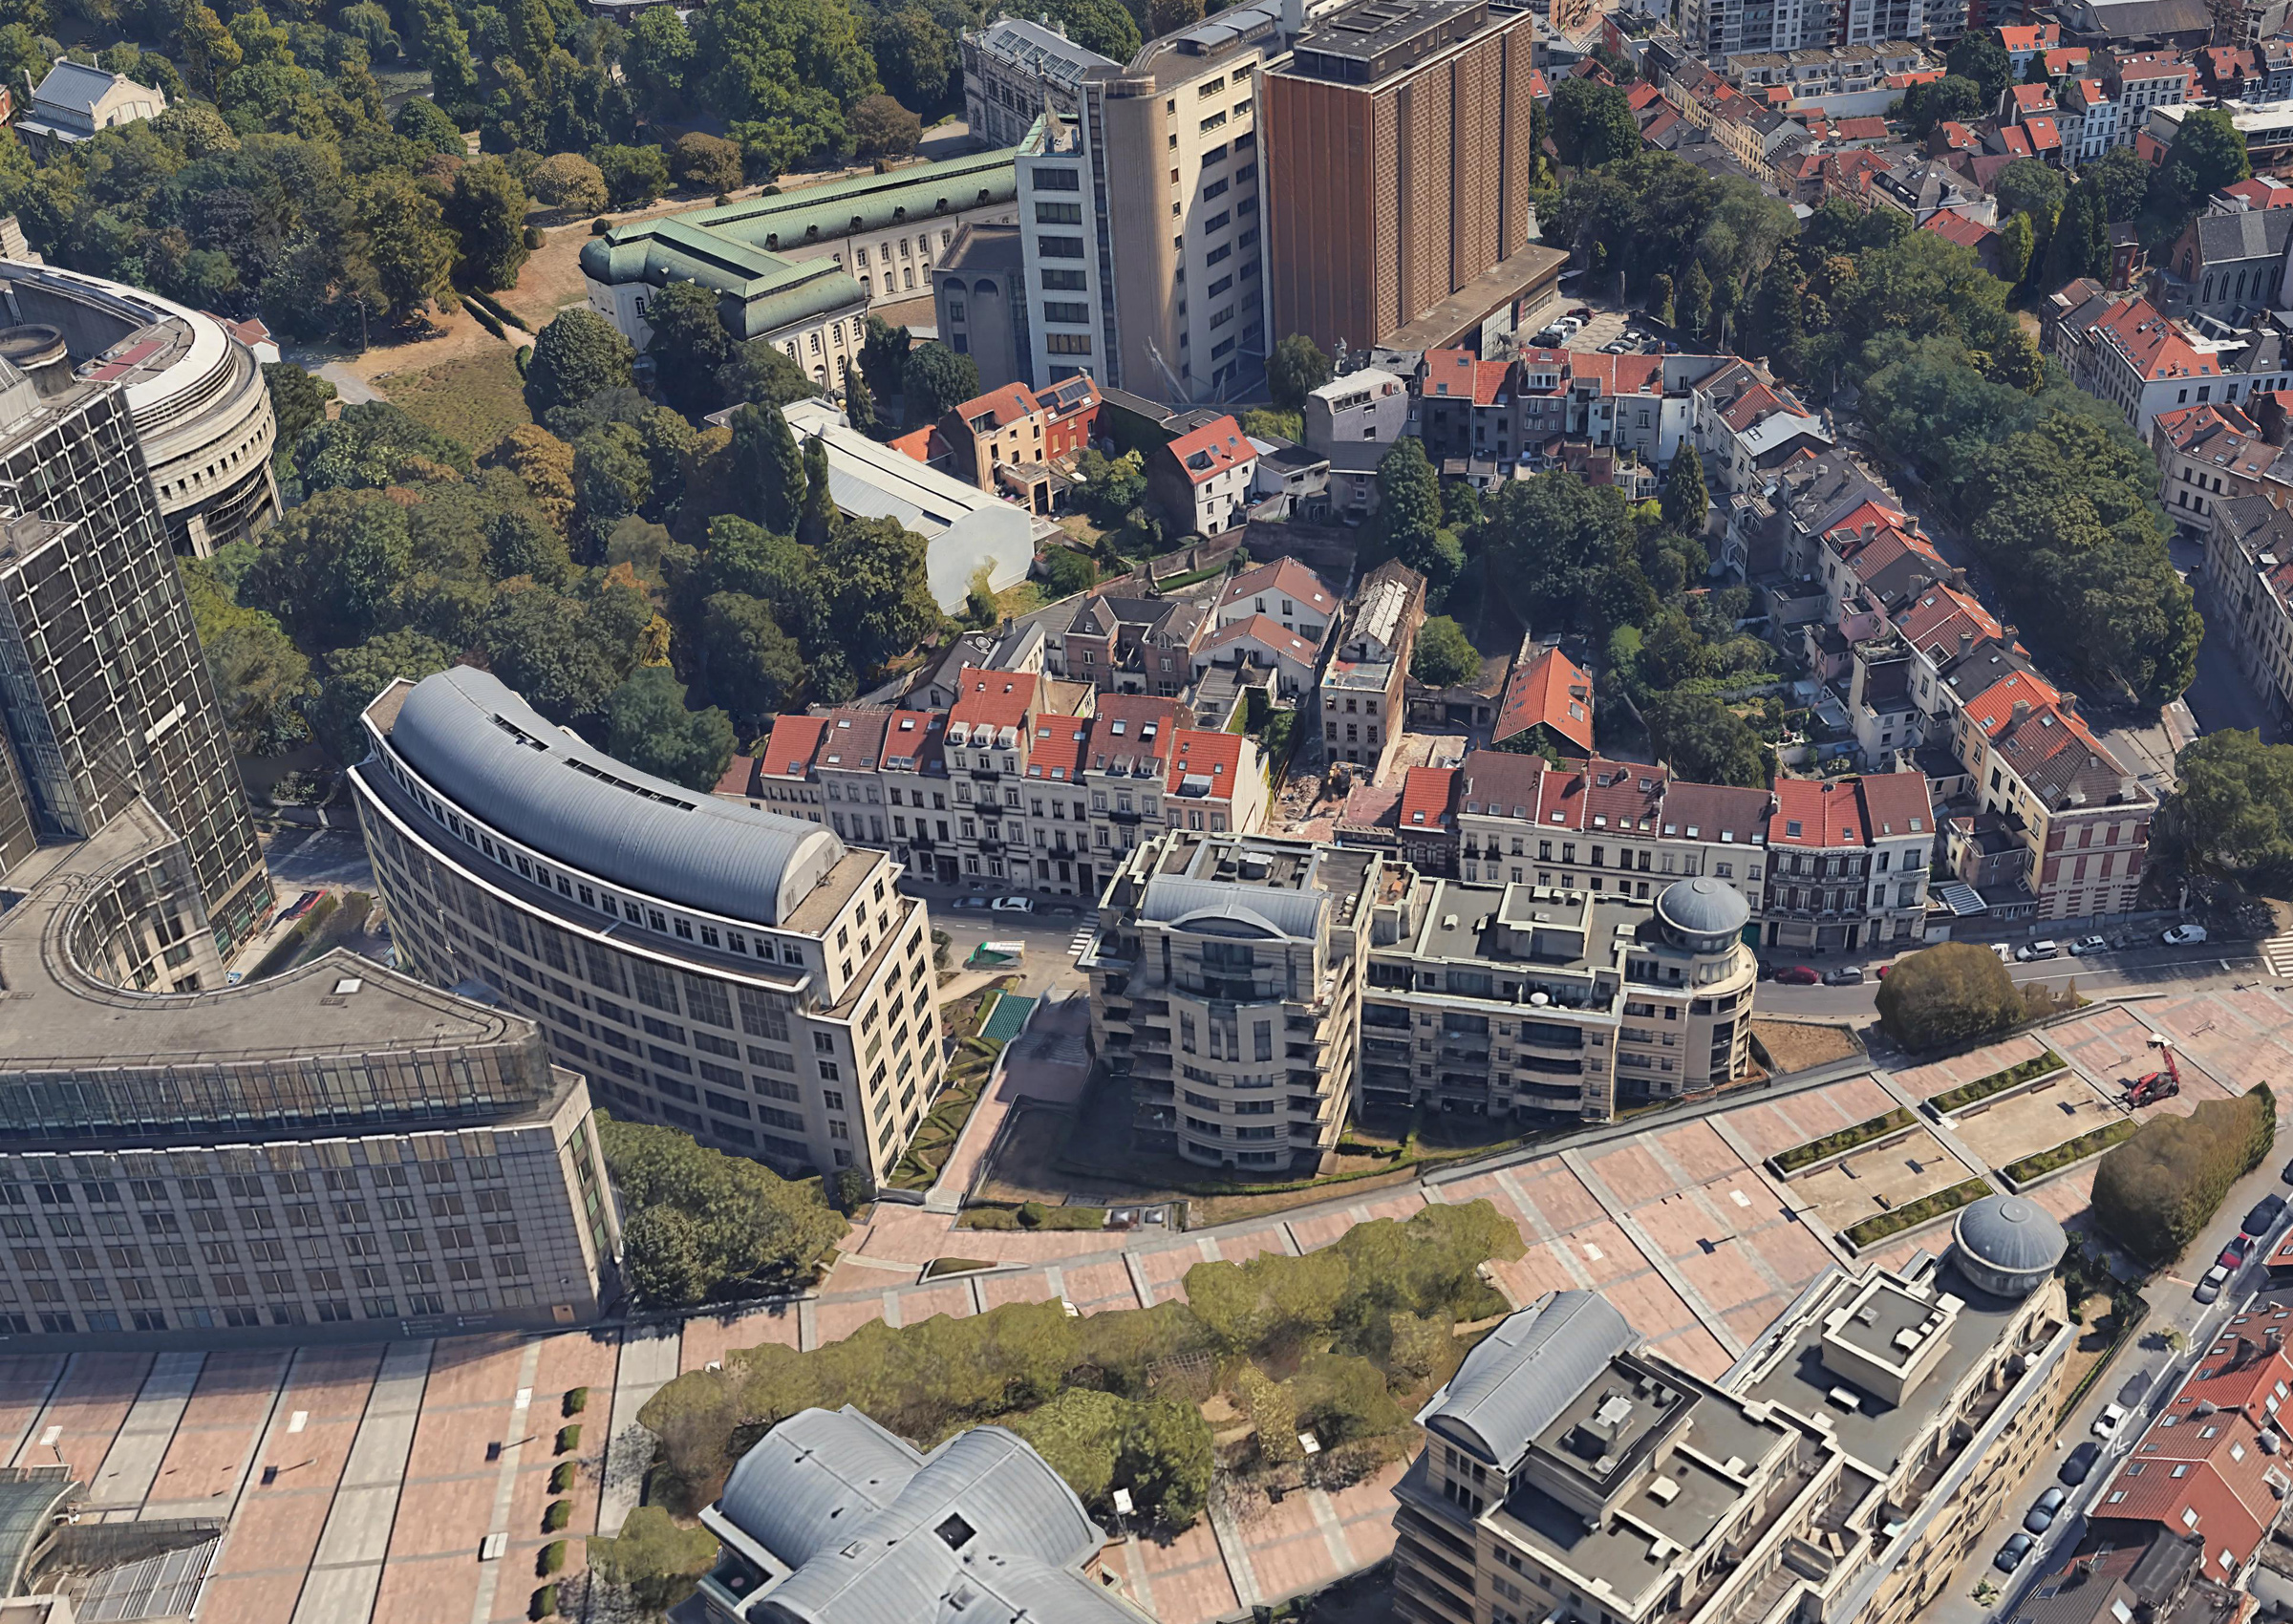 Google Earth: Luftbild der Rue Wiertz bzw. Wiertzstraat und der ehemaligen Gleisanlagen am Bahnhof in Brüssel